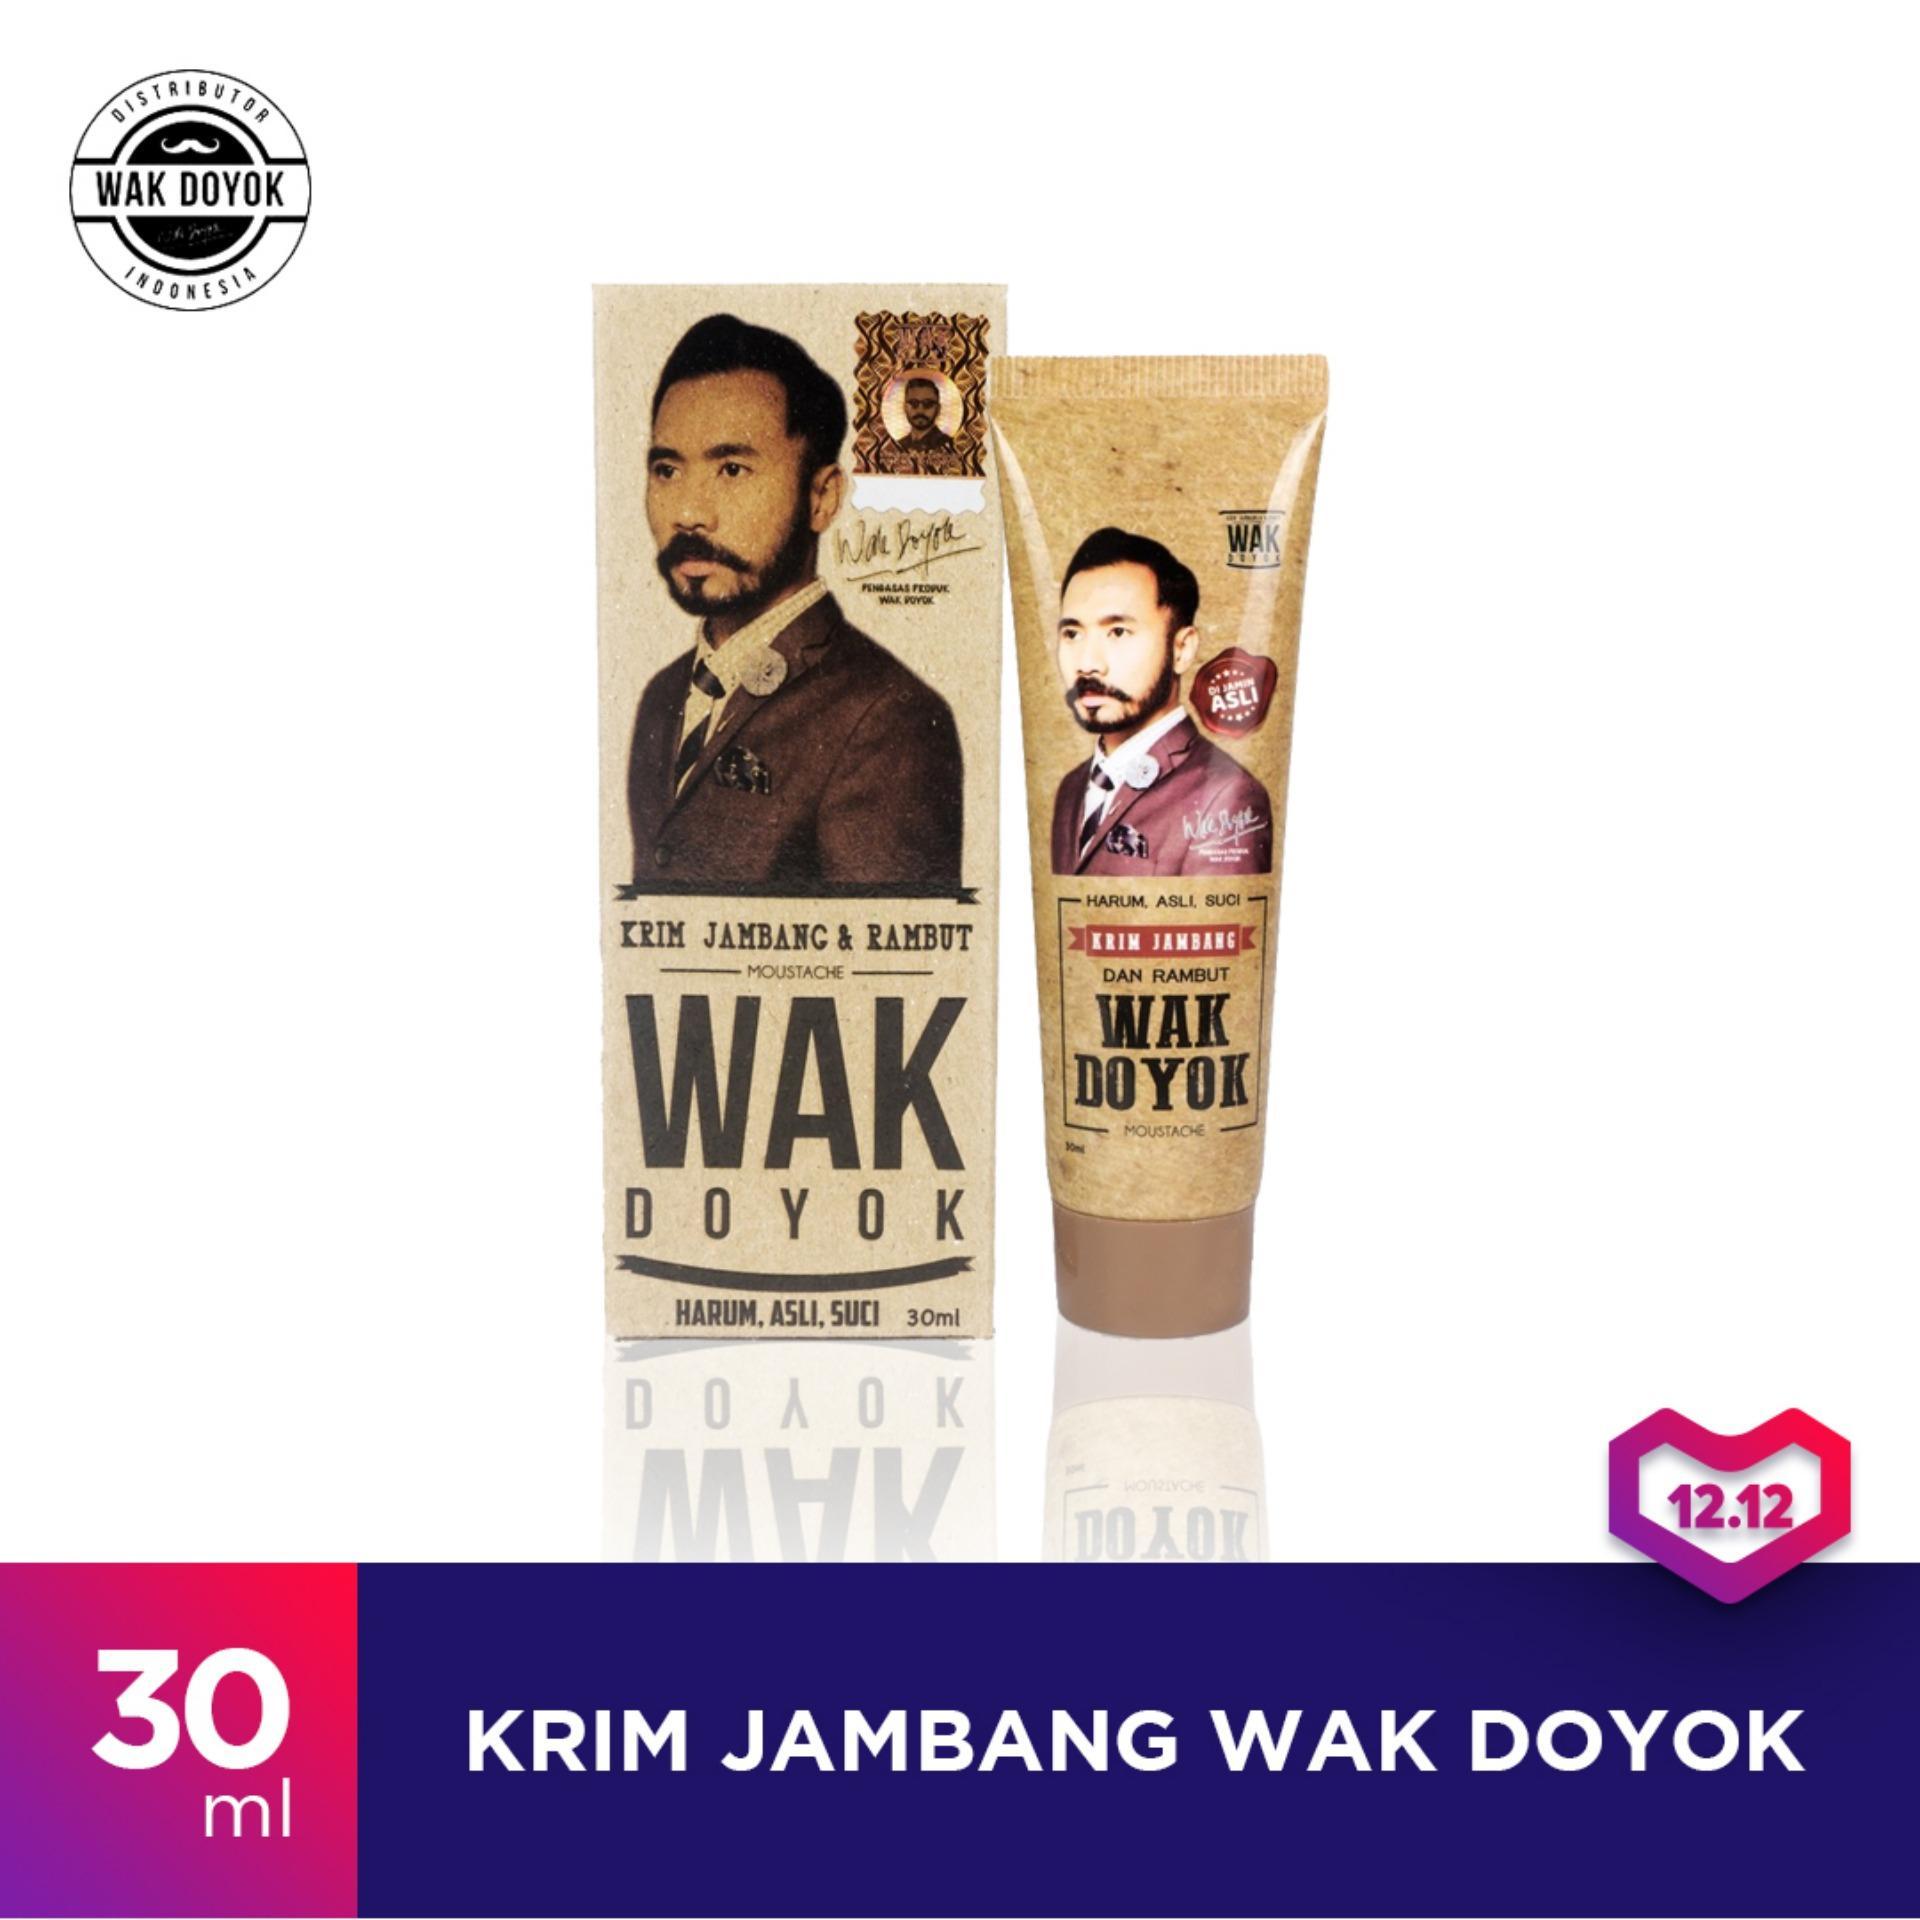 Wak Doyok Cream 30ml Original Hologram - Wakdoyok Krim Penumbuh Jambang 0c805a1ee5